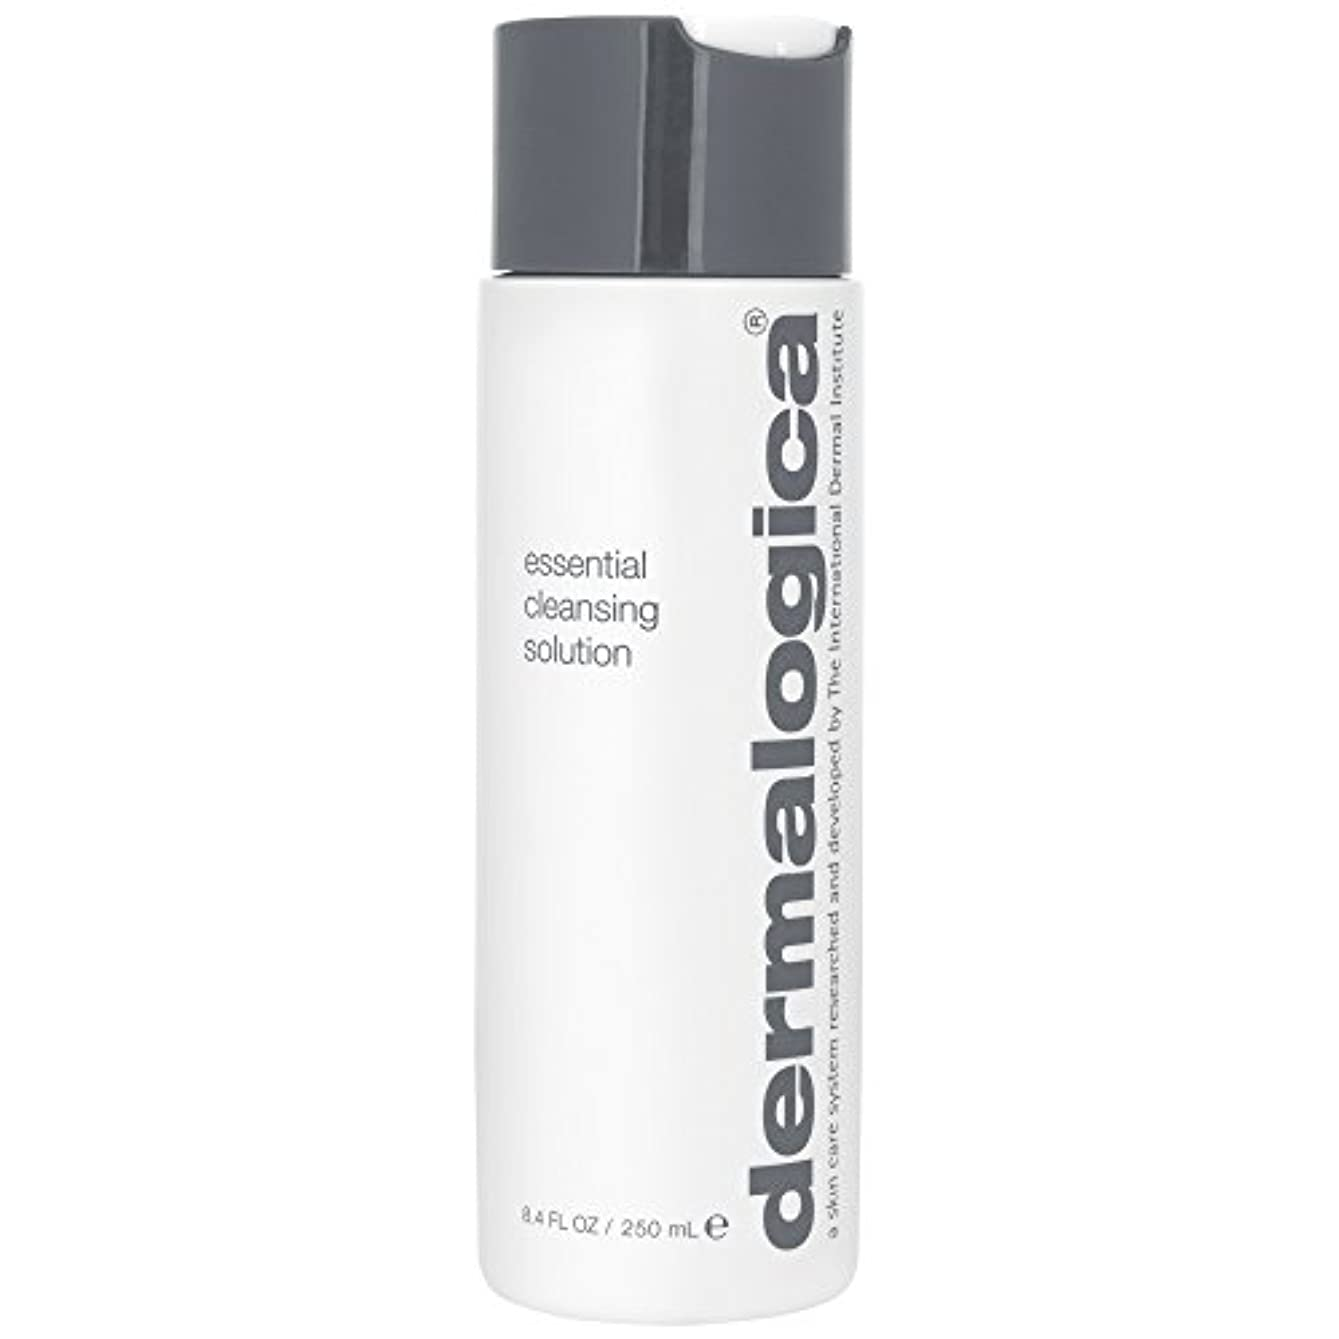 静脈きれいにボウルダーマロジカ不可欠な洗浄液の250ミリリットル (Dermalogica) (x6) - Dermalogica Essential Cleansing Solution 250ml (Pack of 6) [並行輸入品]